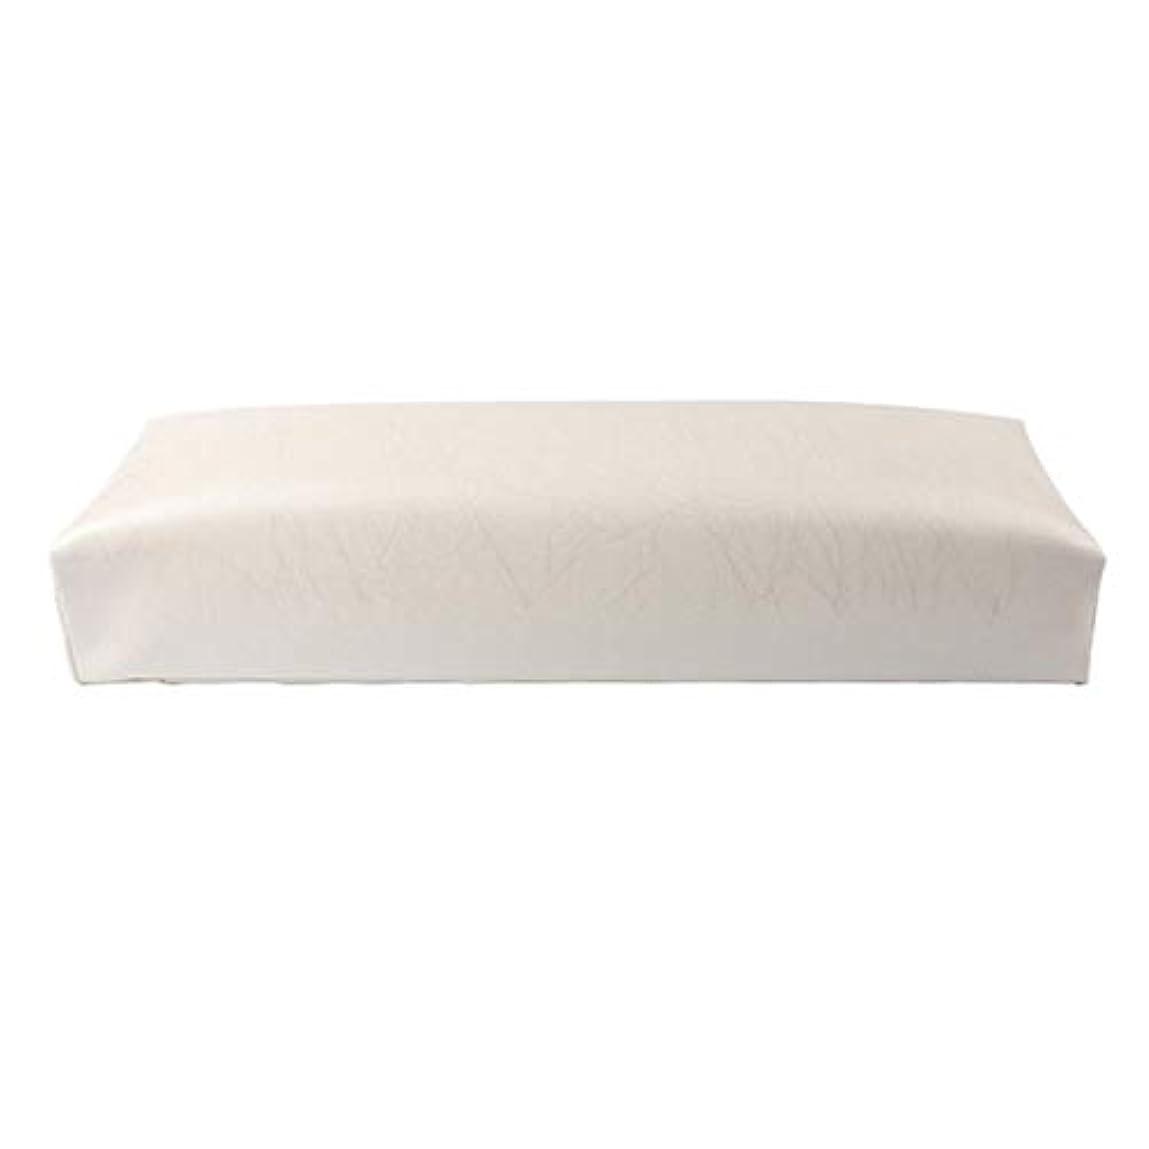 性交スクランブル王位XZANTE ネイル用マニキュアハンド枕長方形PUレザーハンドレストクッションネイルピローサロンハンドホルダーアームレストレストマニキュアネイルアートアクセサリーツールホワイト